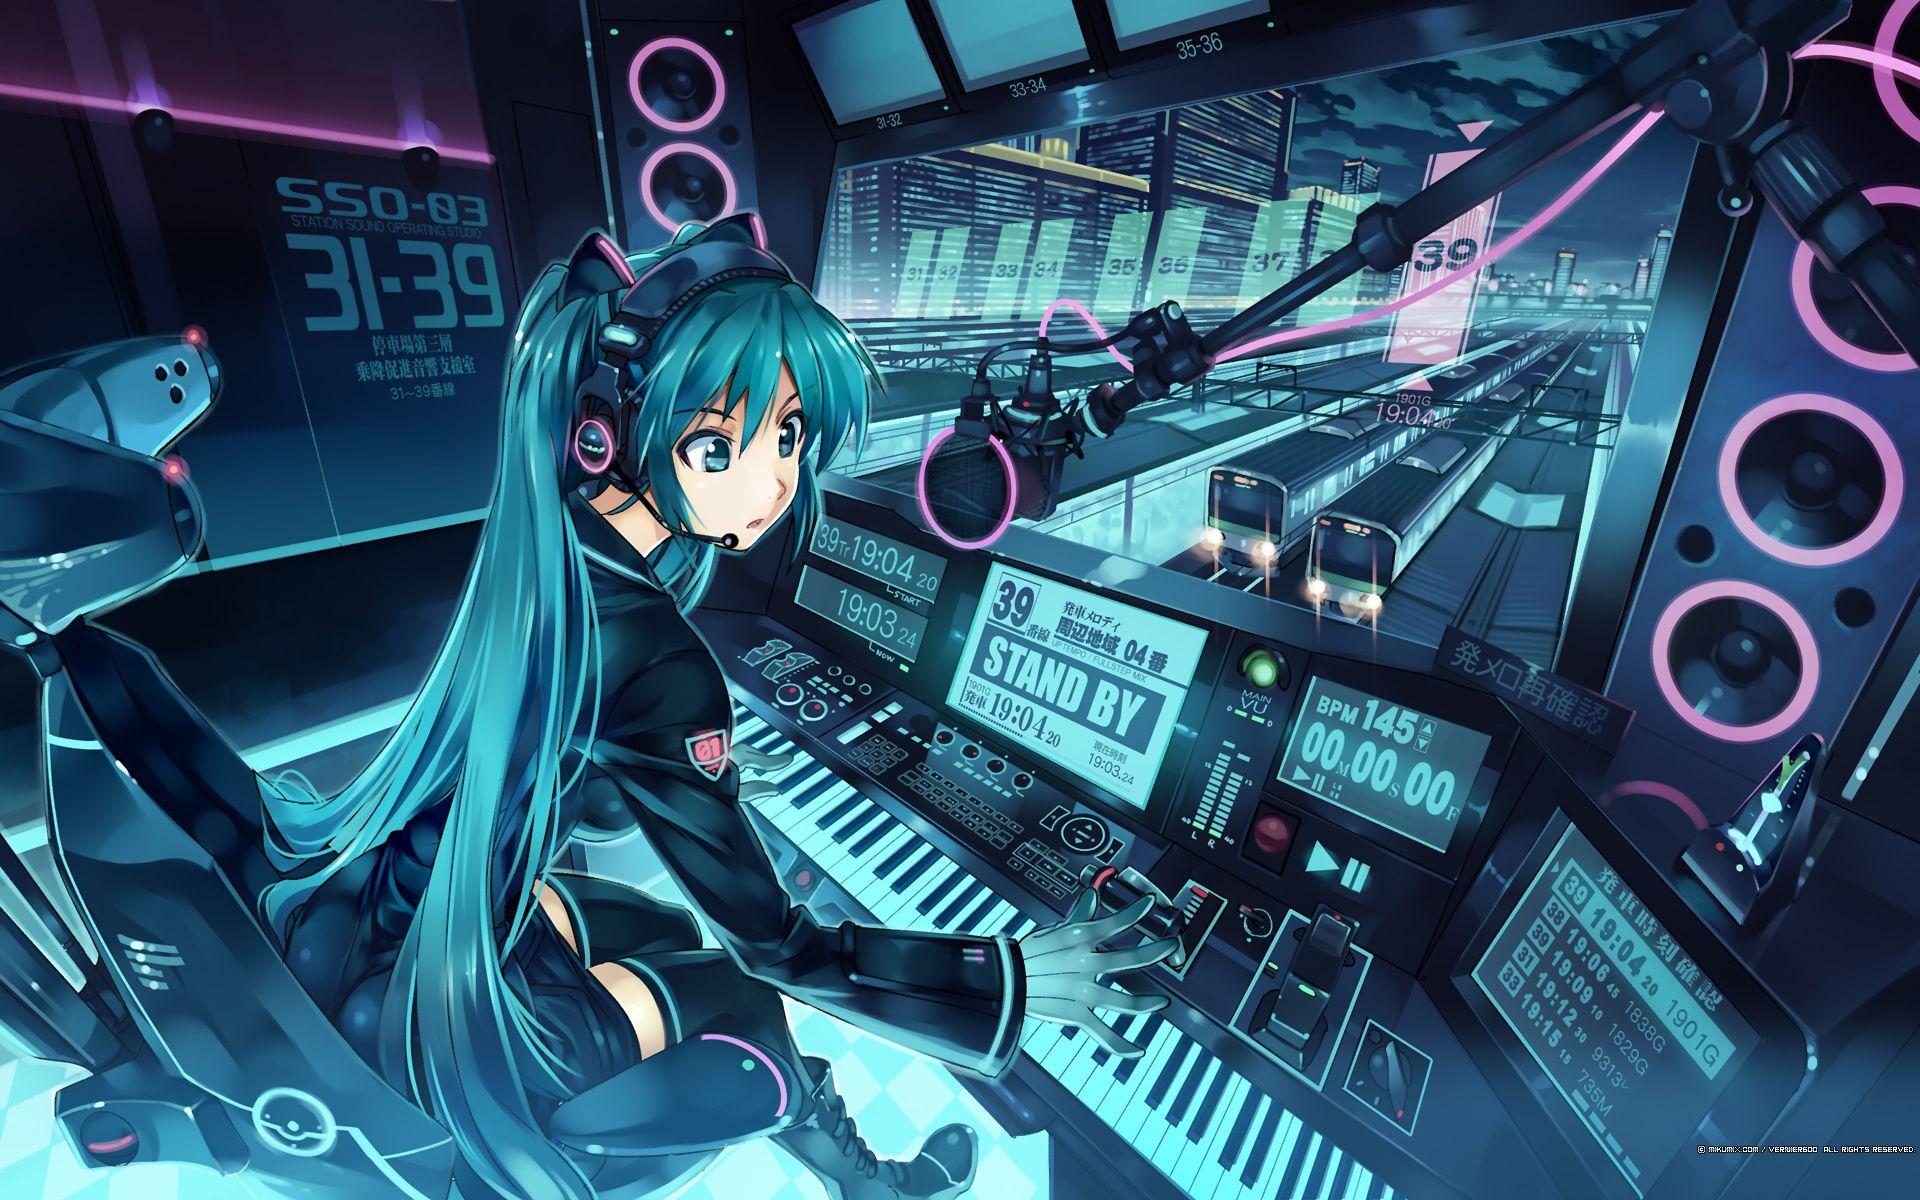 Stand By Latar Belakang Anime Vocaloid Wallpaper Musik